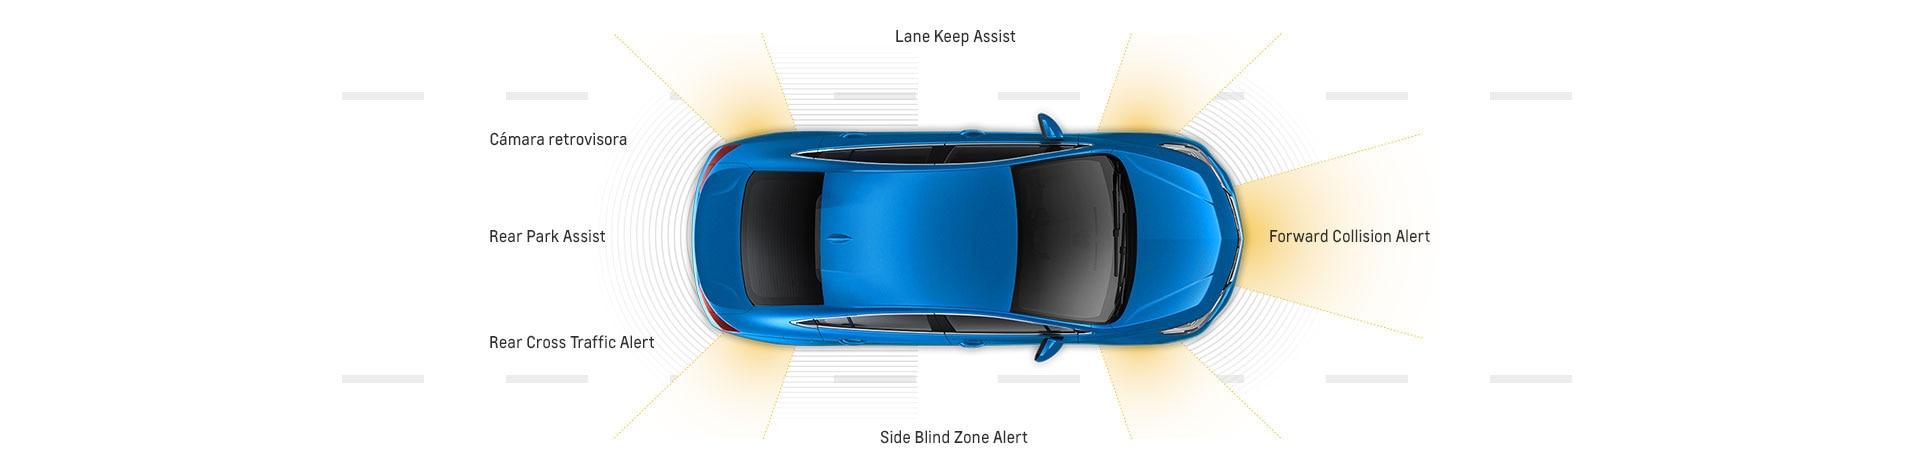 Seguridad del auto compacto Cruze 2017